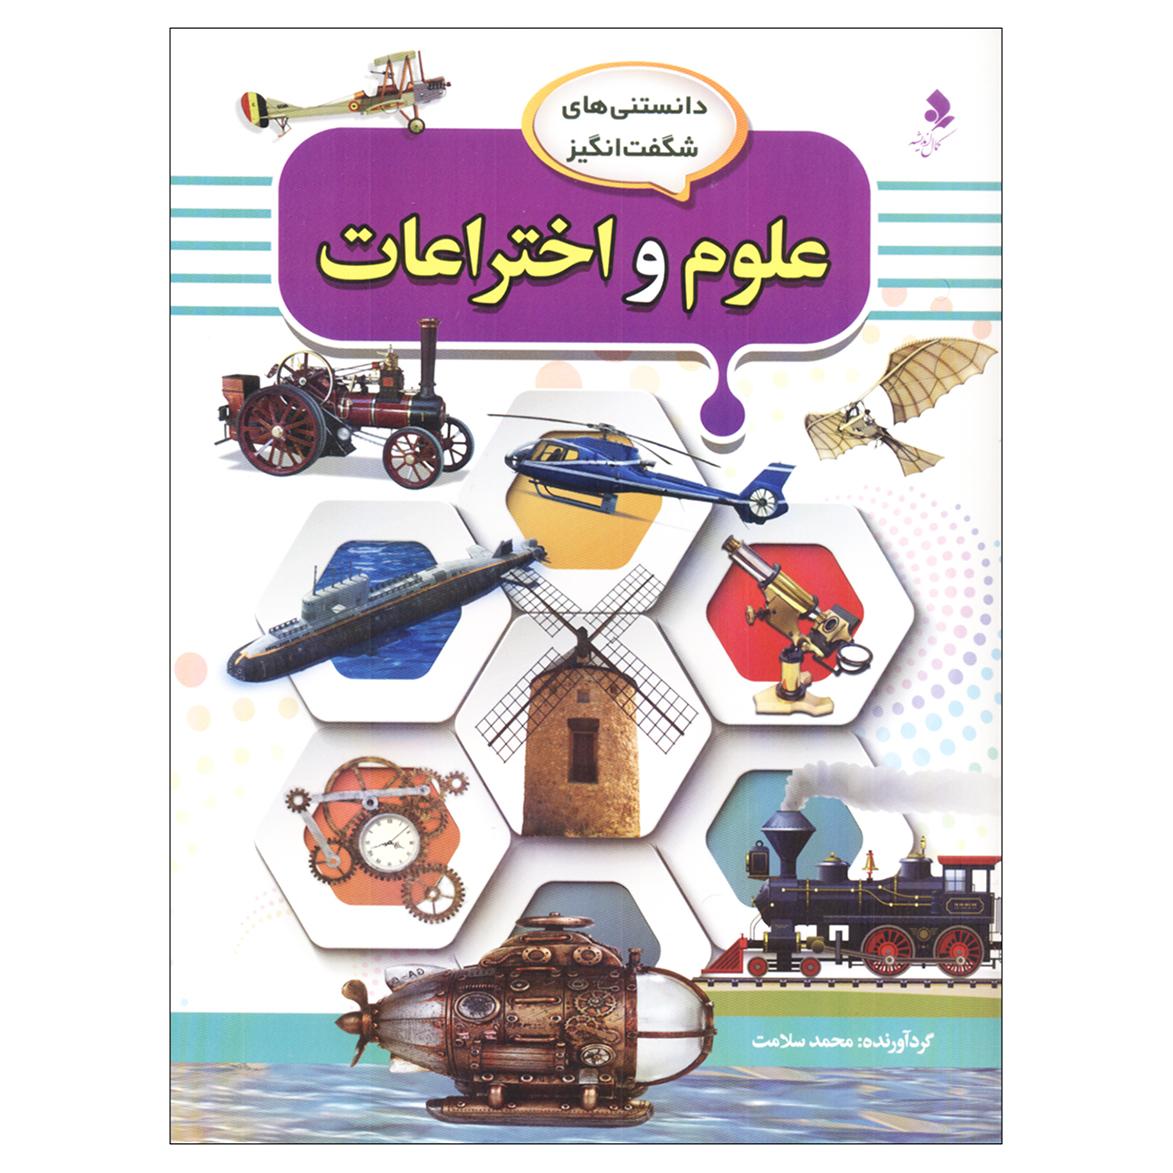 کتاب دانستنیهای شگفت انگیز علوم و اختراعات اثر محمد سلامت انتشارات کمال اندیشه